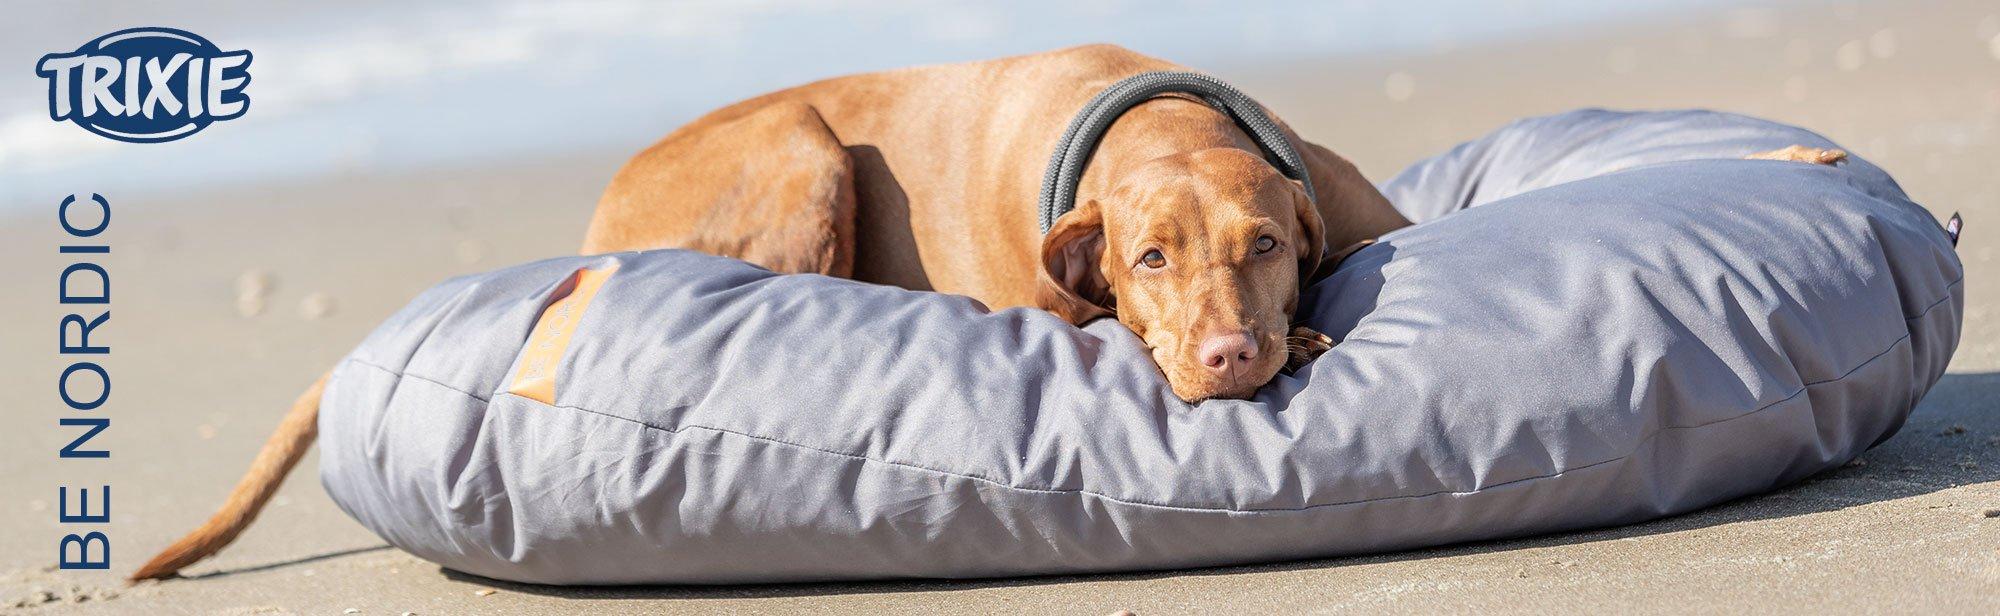 TRIXIE BE NORDIC - Hundezubehör Serie mit maritimen Flair!, Bild 2